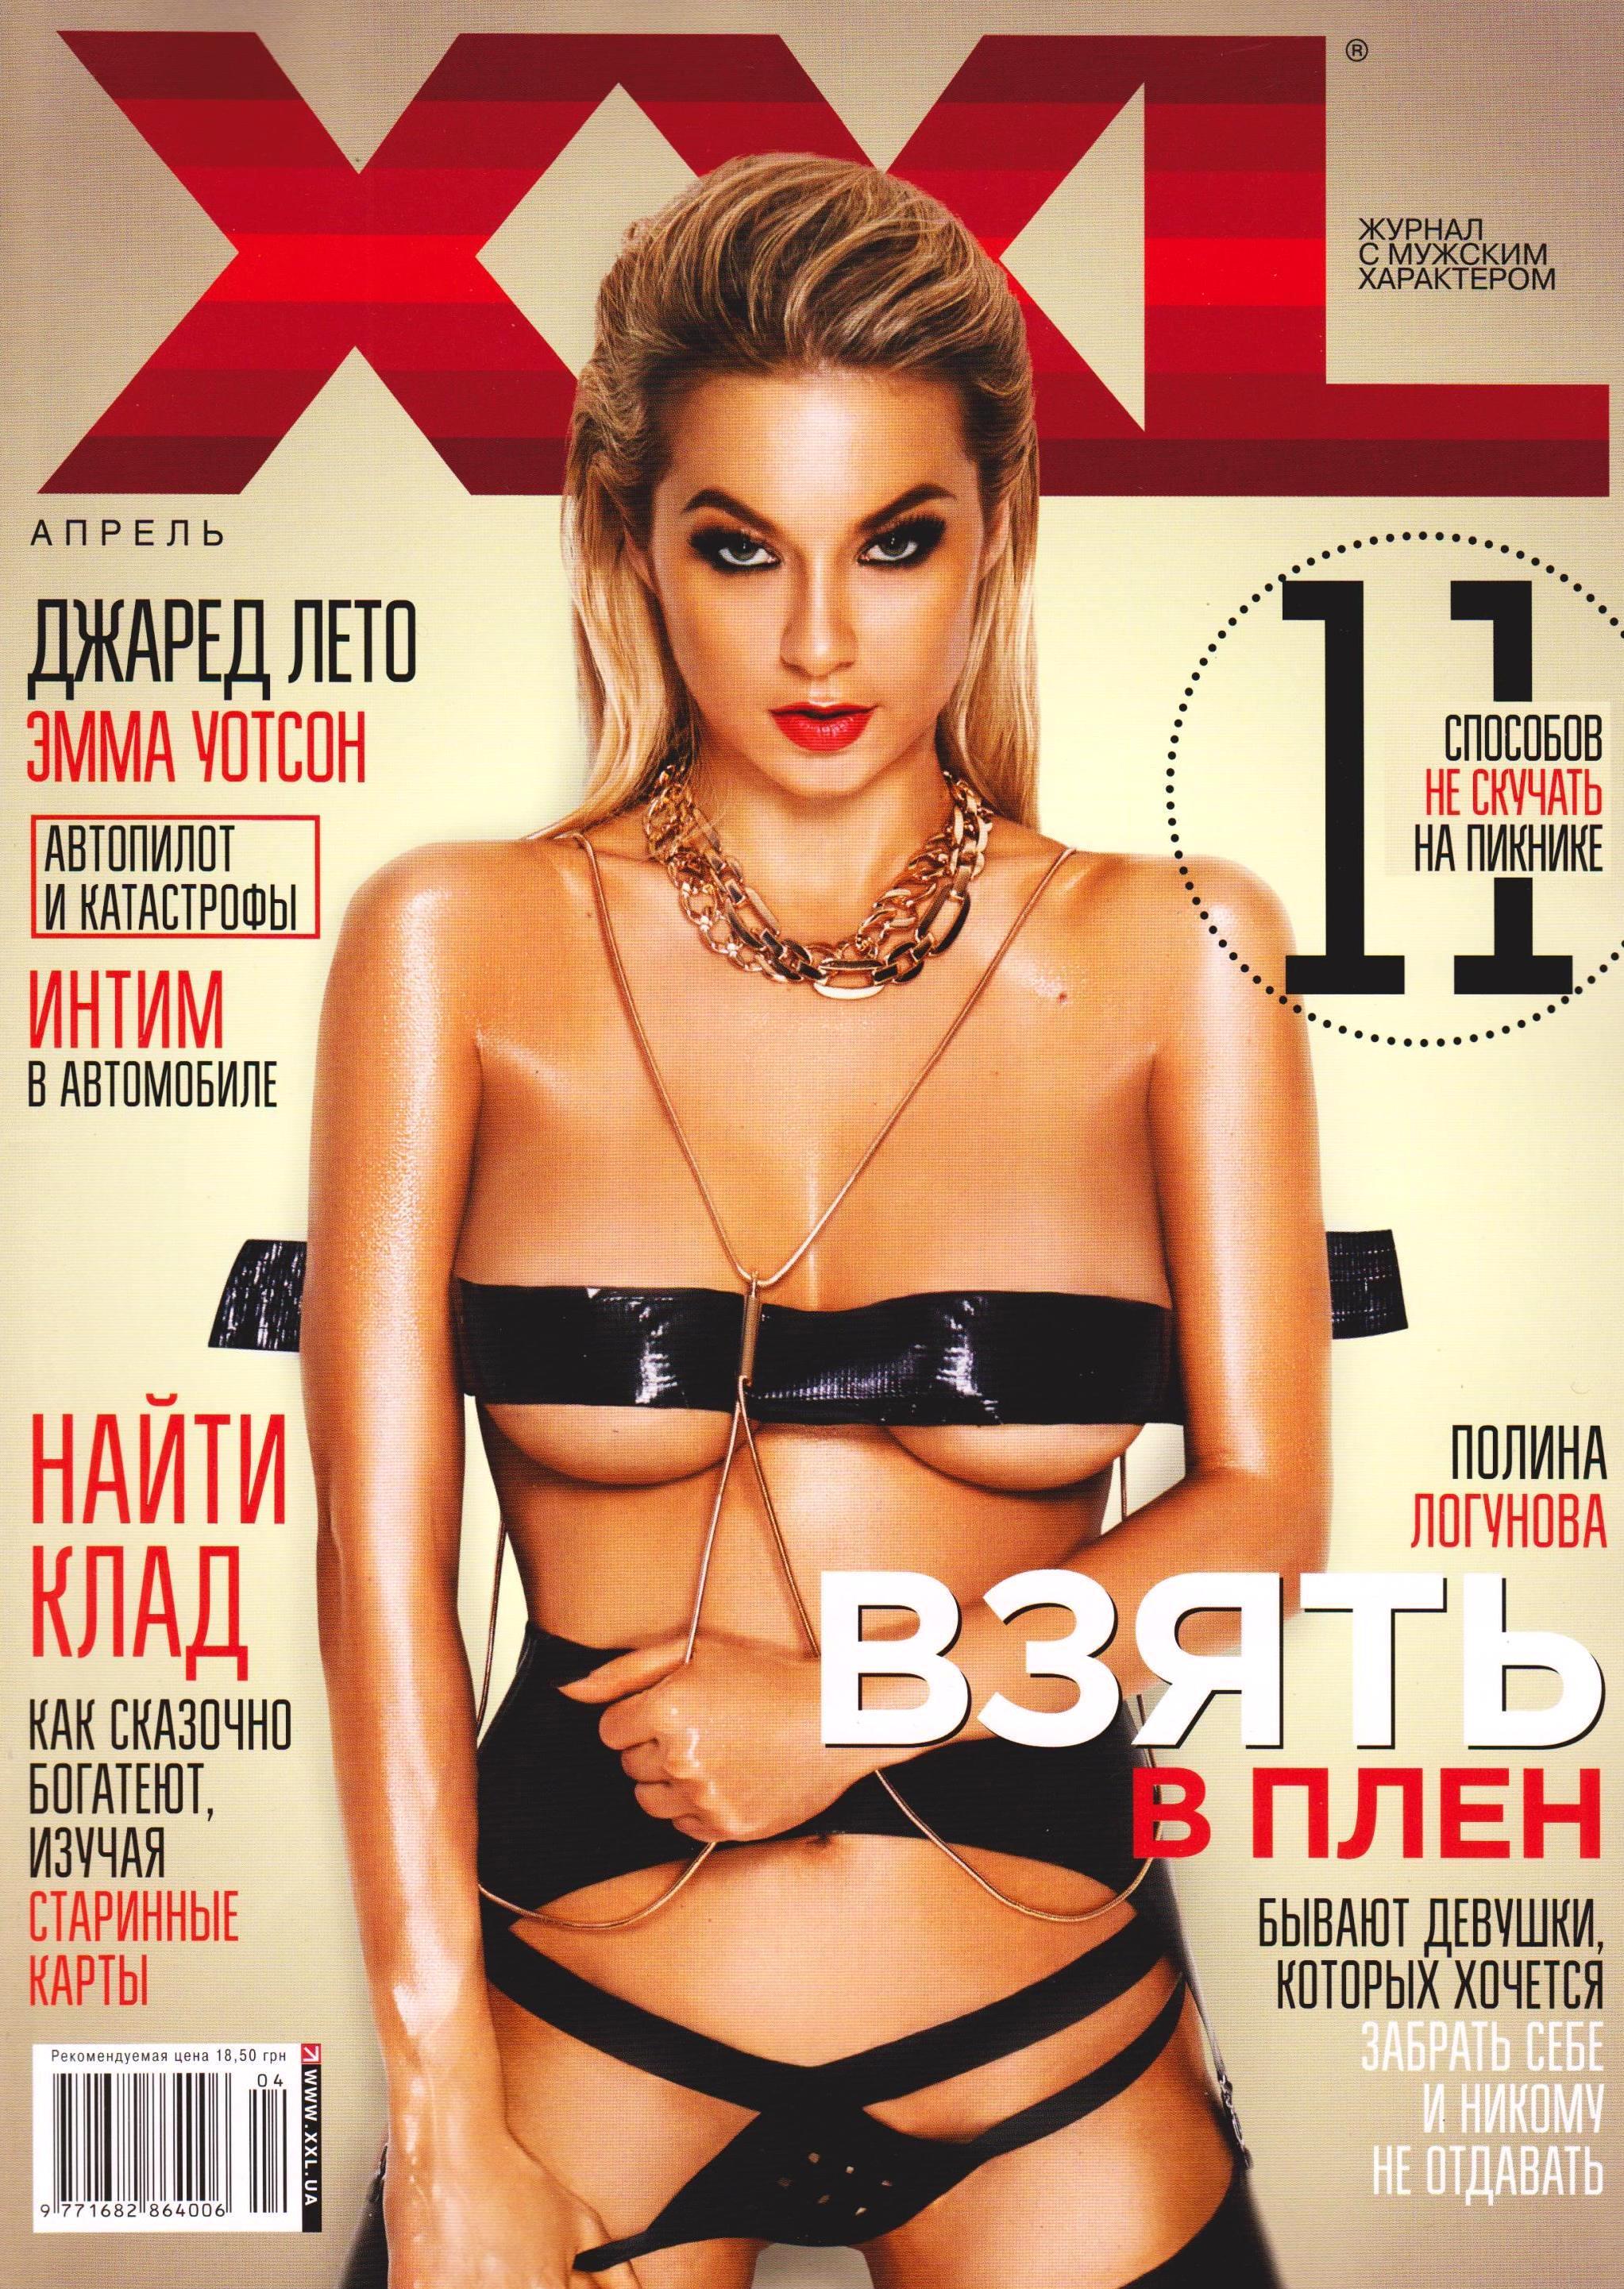 Голые телеведущие украины